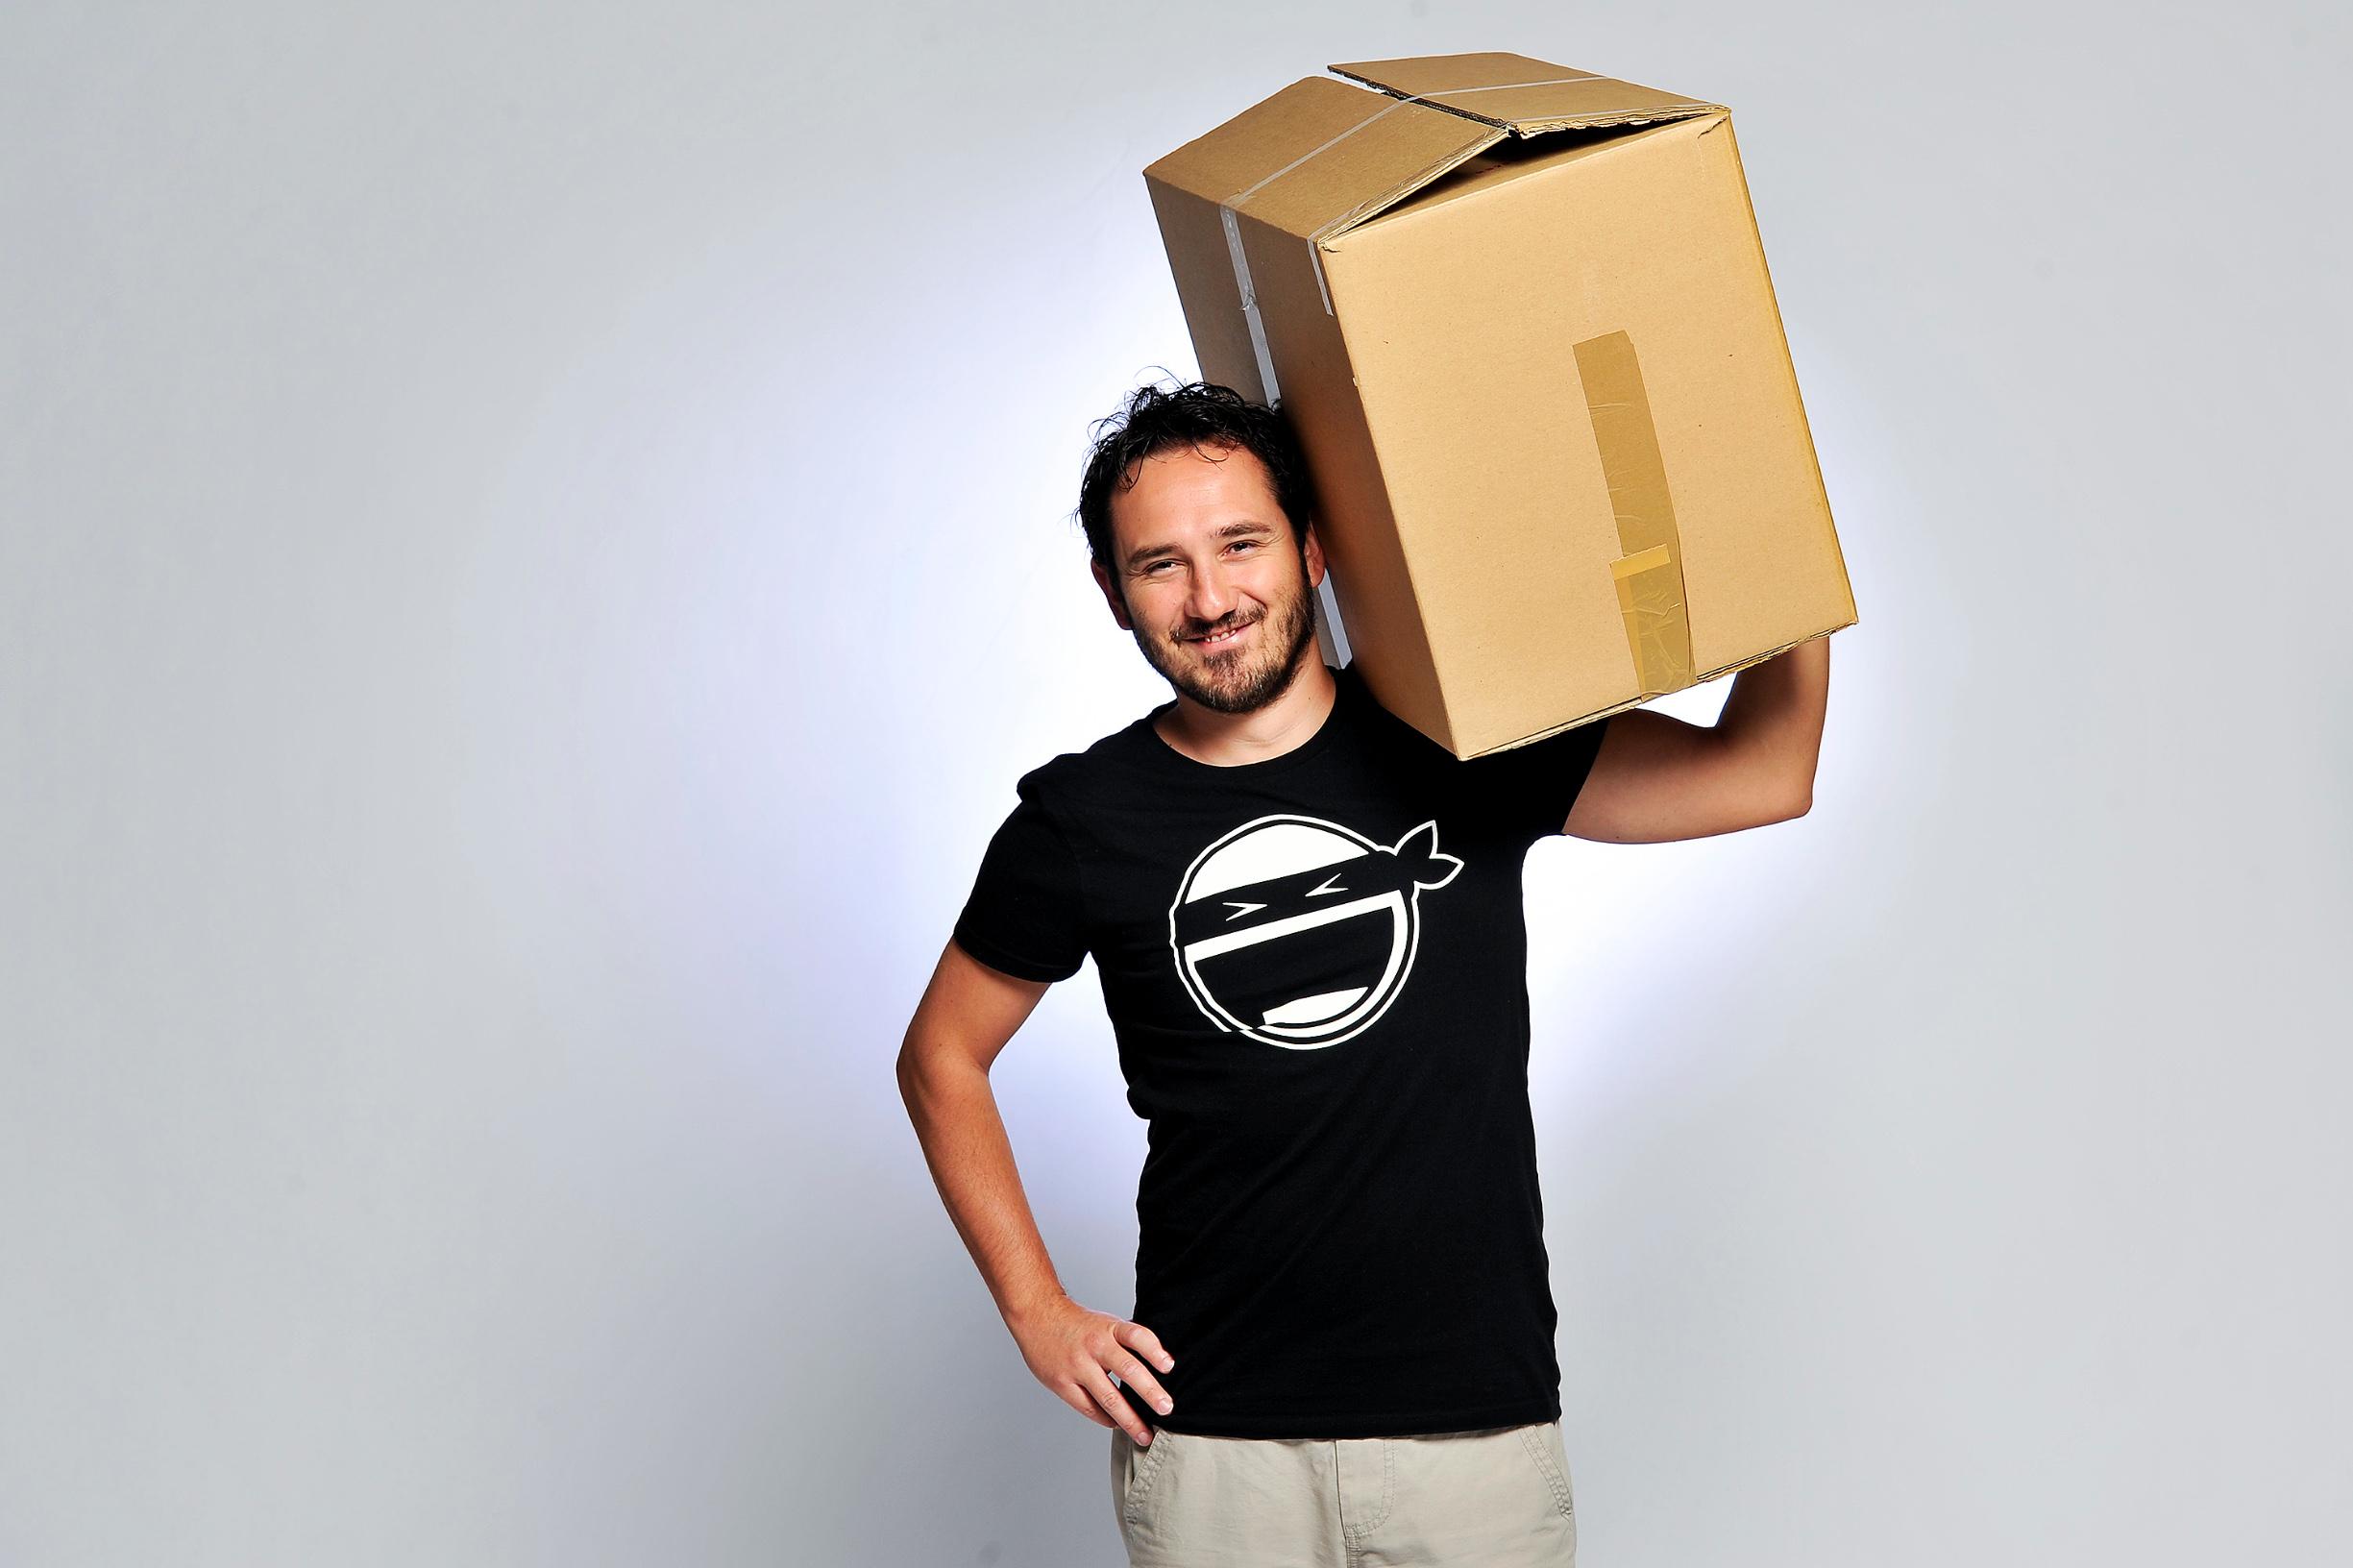 Stevica Kuharski, osnivač startupa Locodels koji se bavi inovativnom dostavom paketa